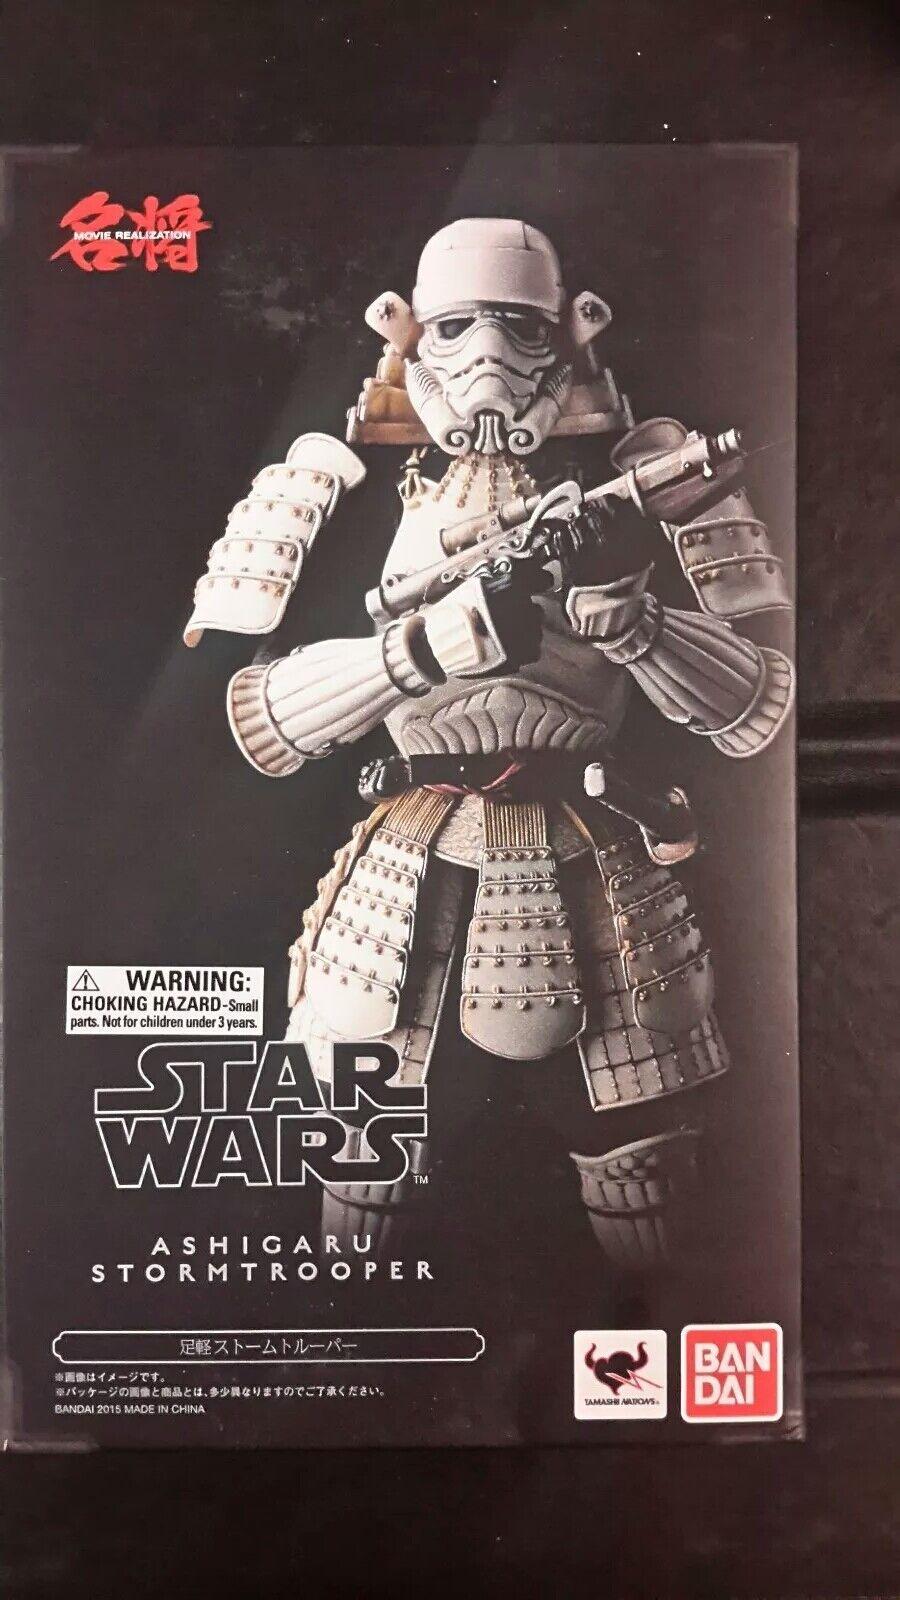 New Star Wars Samurai General Storm Trooper figure Bandai 920478